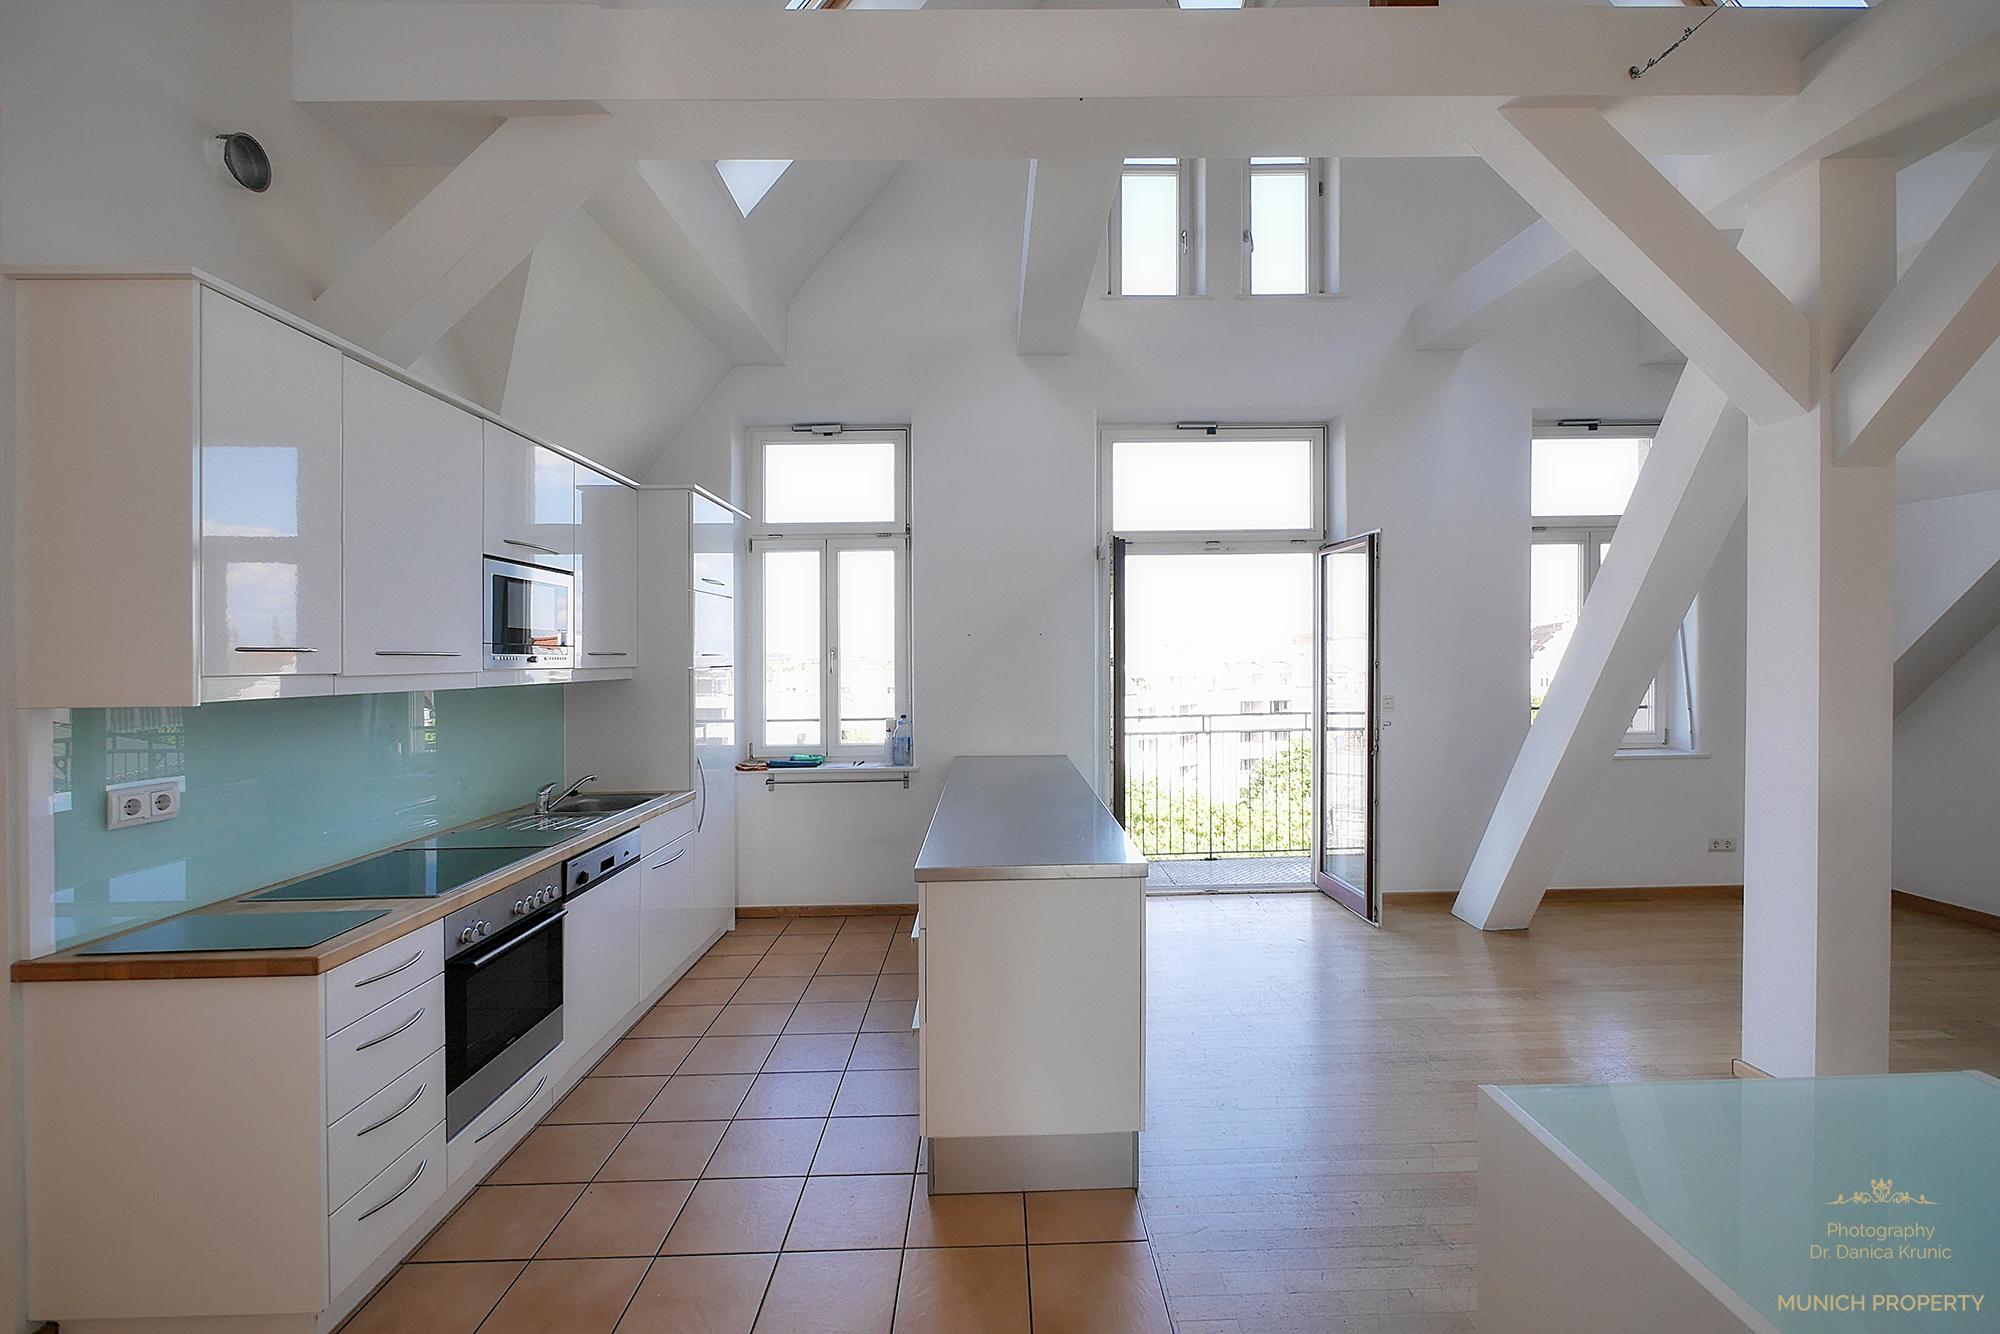 exquisiter lebenstraum auf 2 ebenen munich property. Black Bedroom Furniture Sets. Home Design Ideas